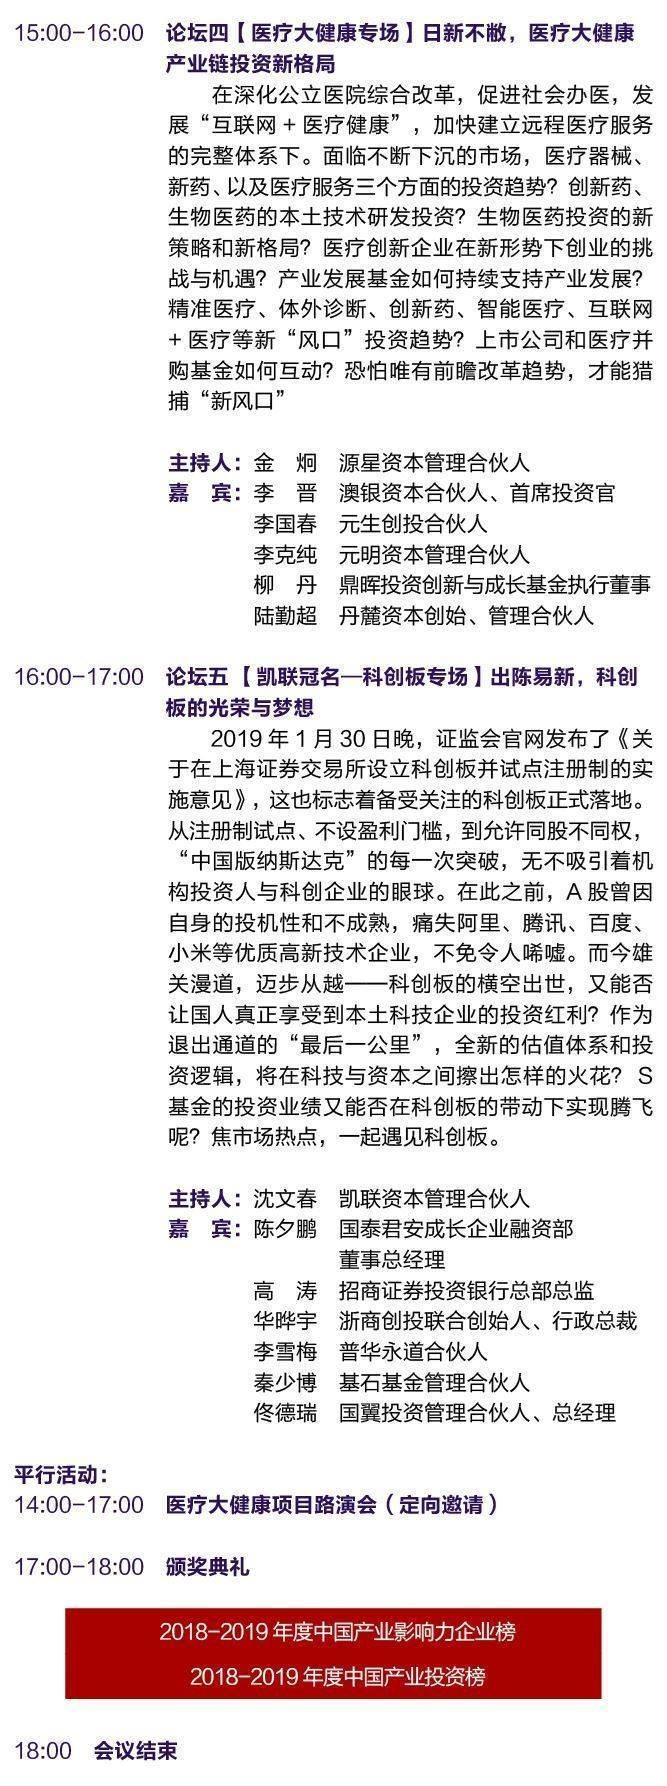 融资中国2019股权产业投资峰会-报名网站7.16_05.jpg